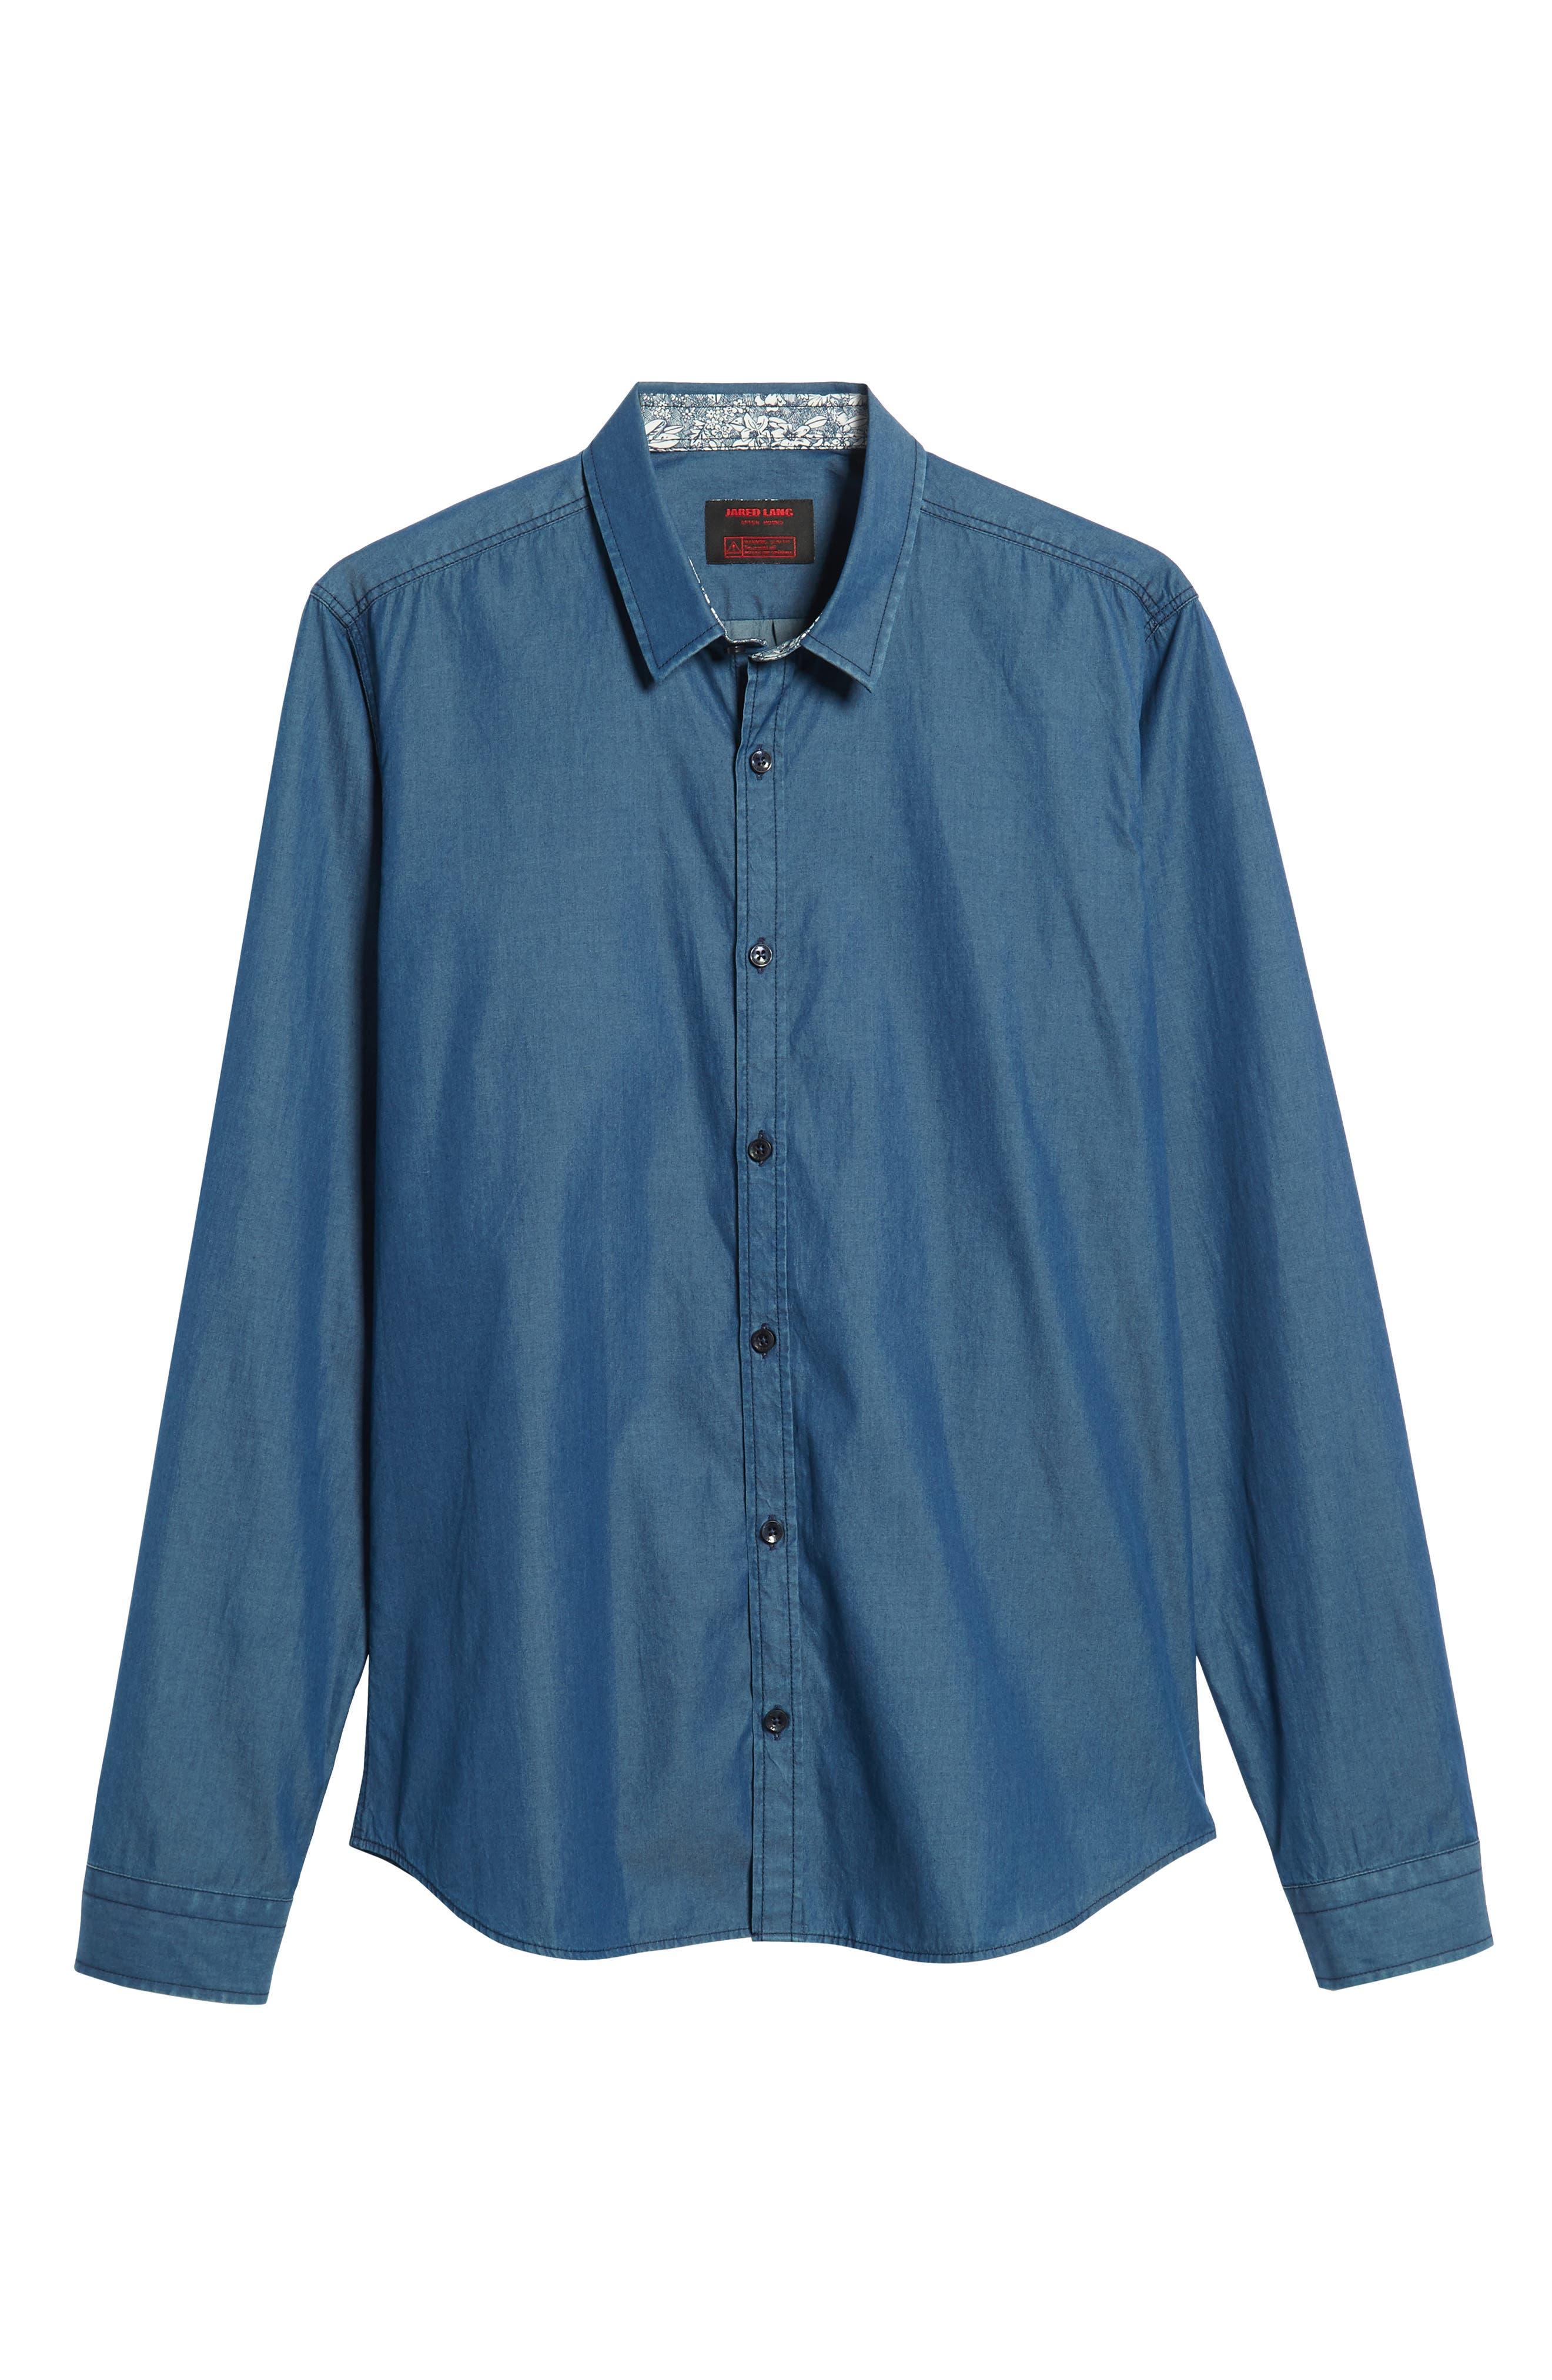 JARED LANG, Slim Fit Chambray Sport Shirt, Alternate thumbnail 5, color, CHAMBRAY